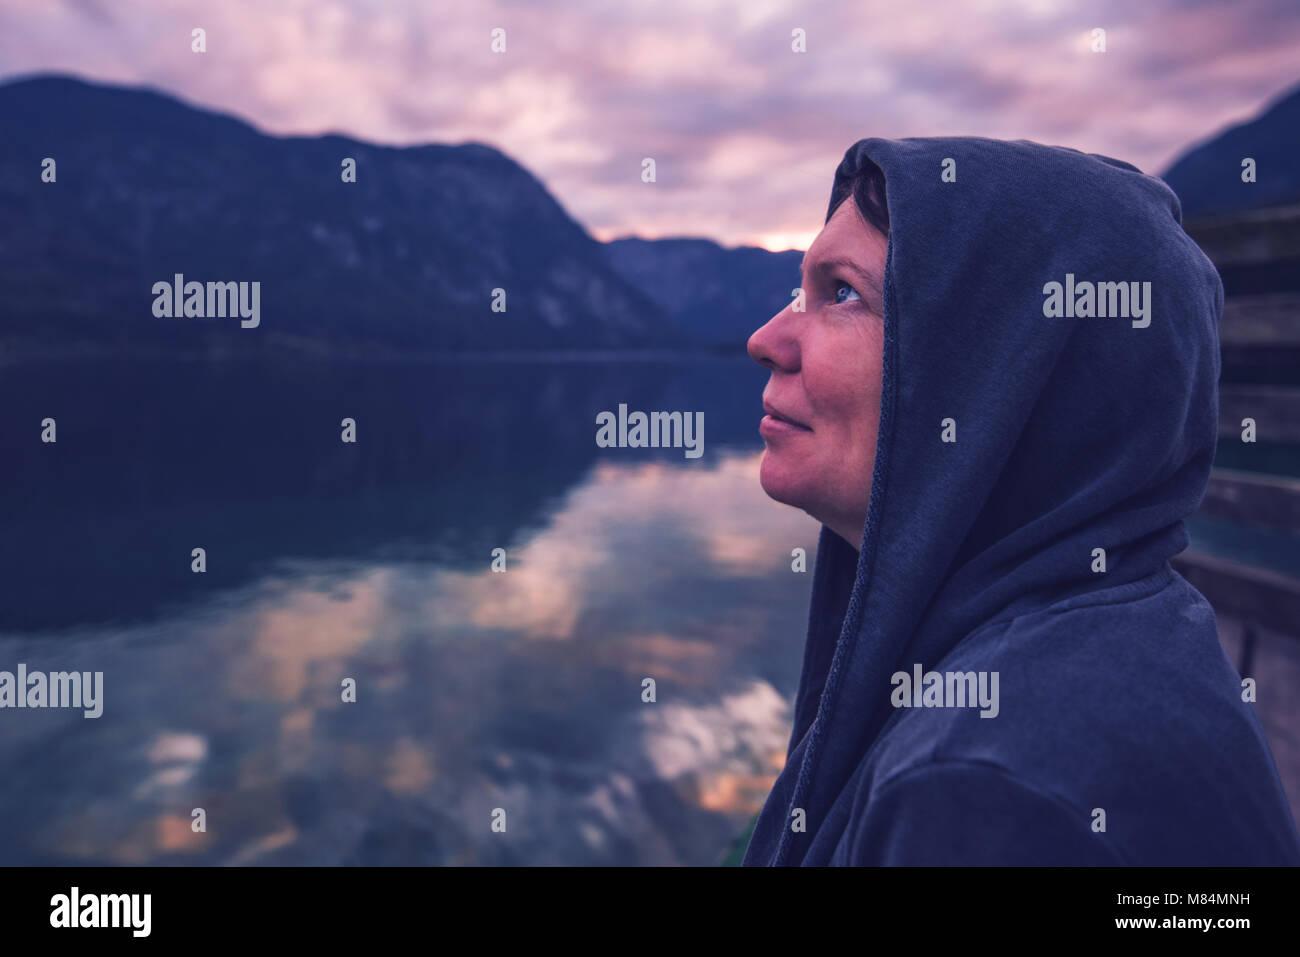 Mujer Solitaria mirando al cielo espectacular. Persona del sexo femenino en el hoodie solas por el lago, las sombras Imagen De Stock